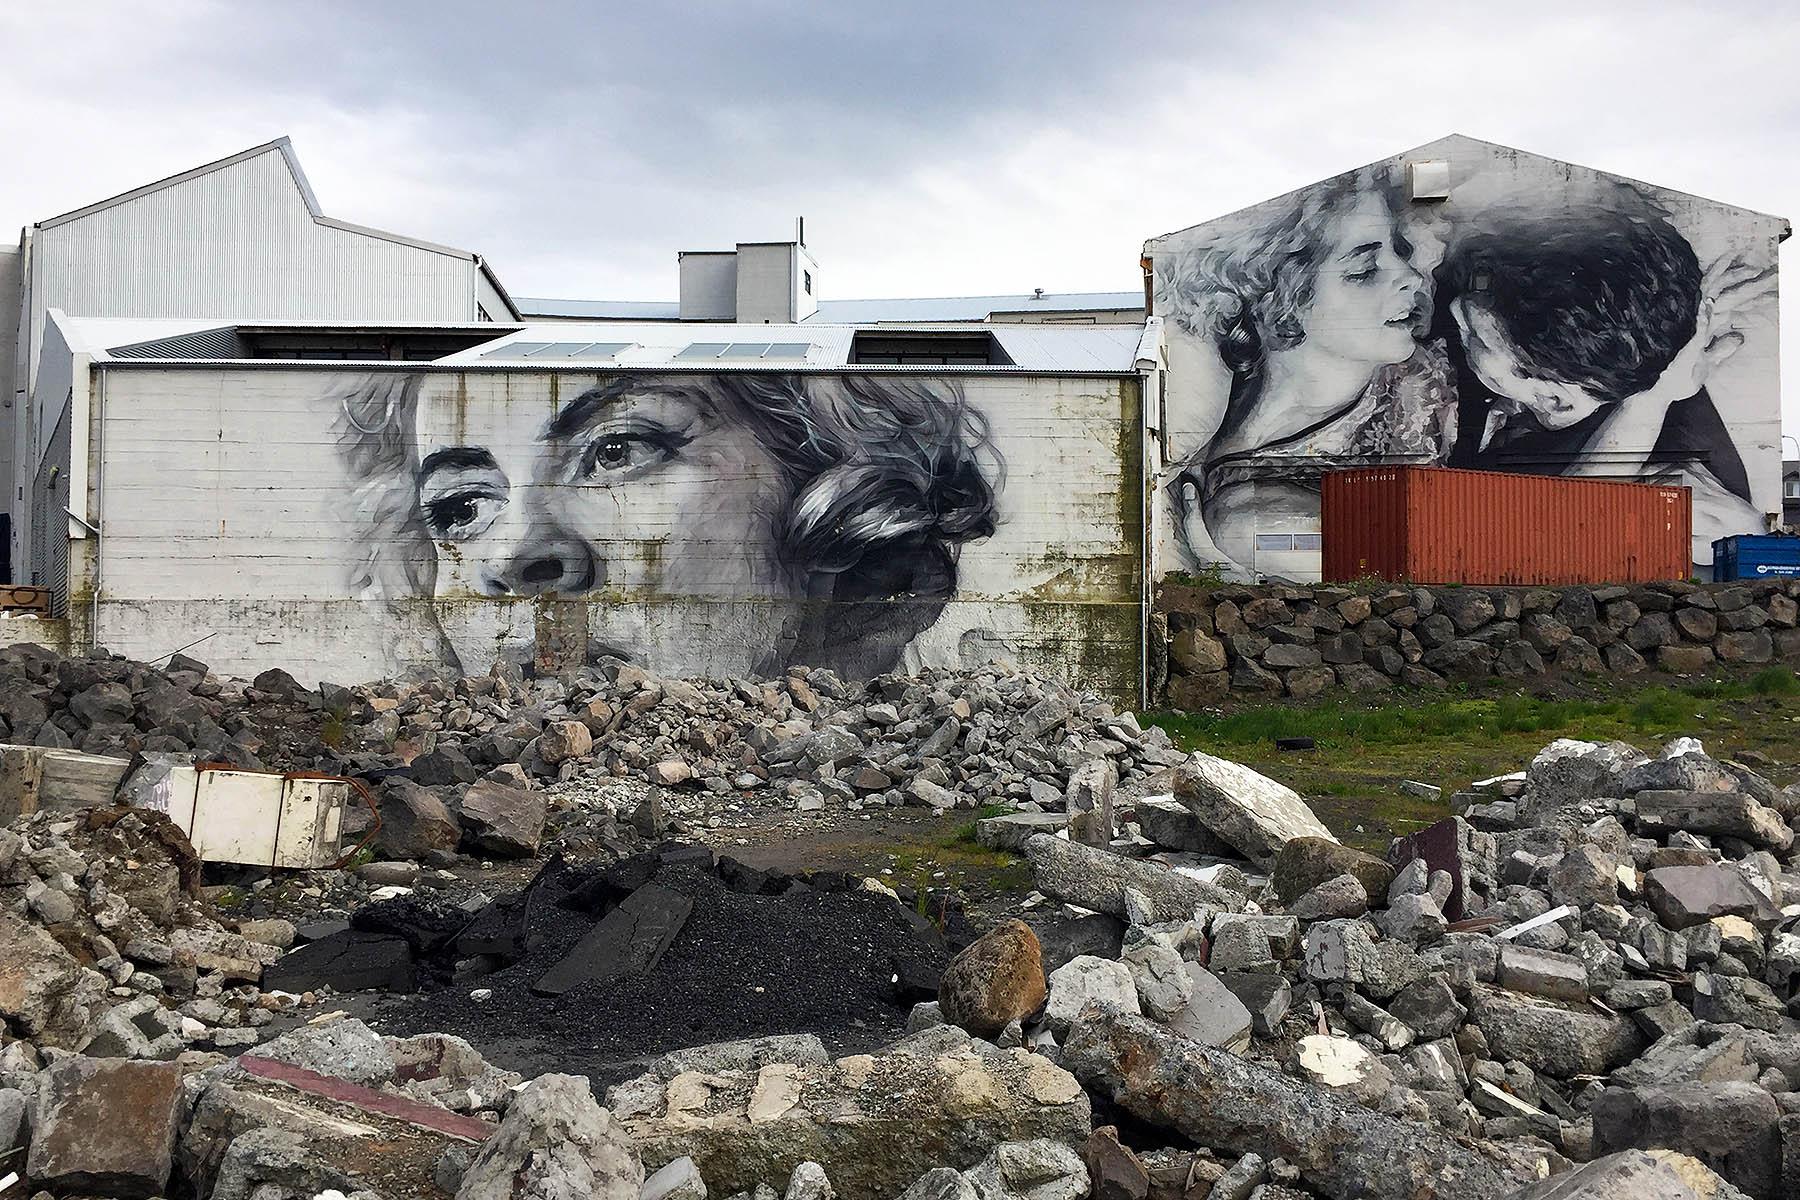 Mural in Reykjavík